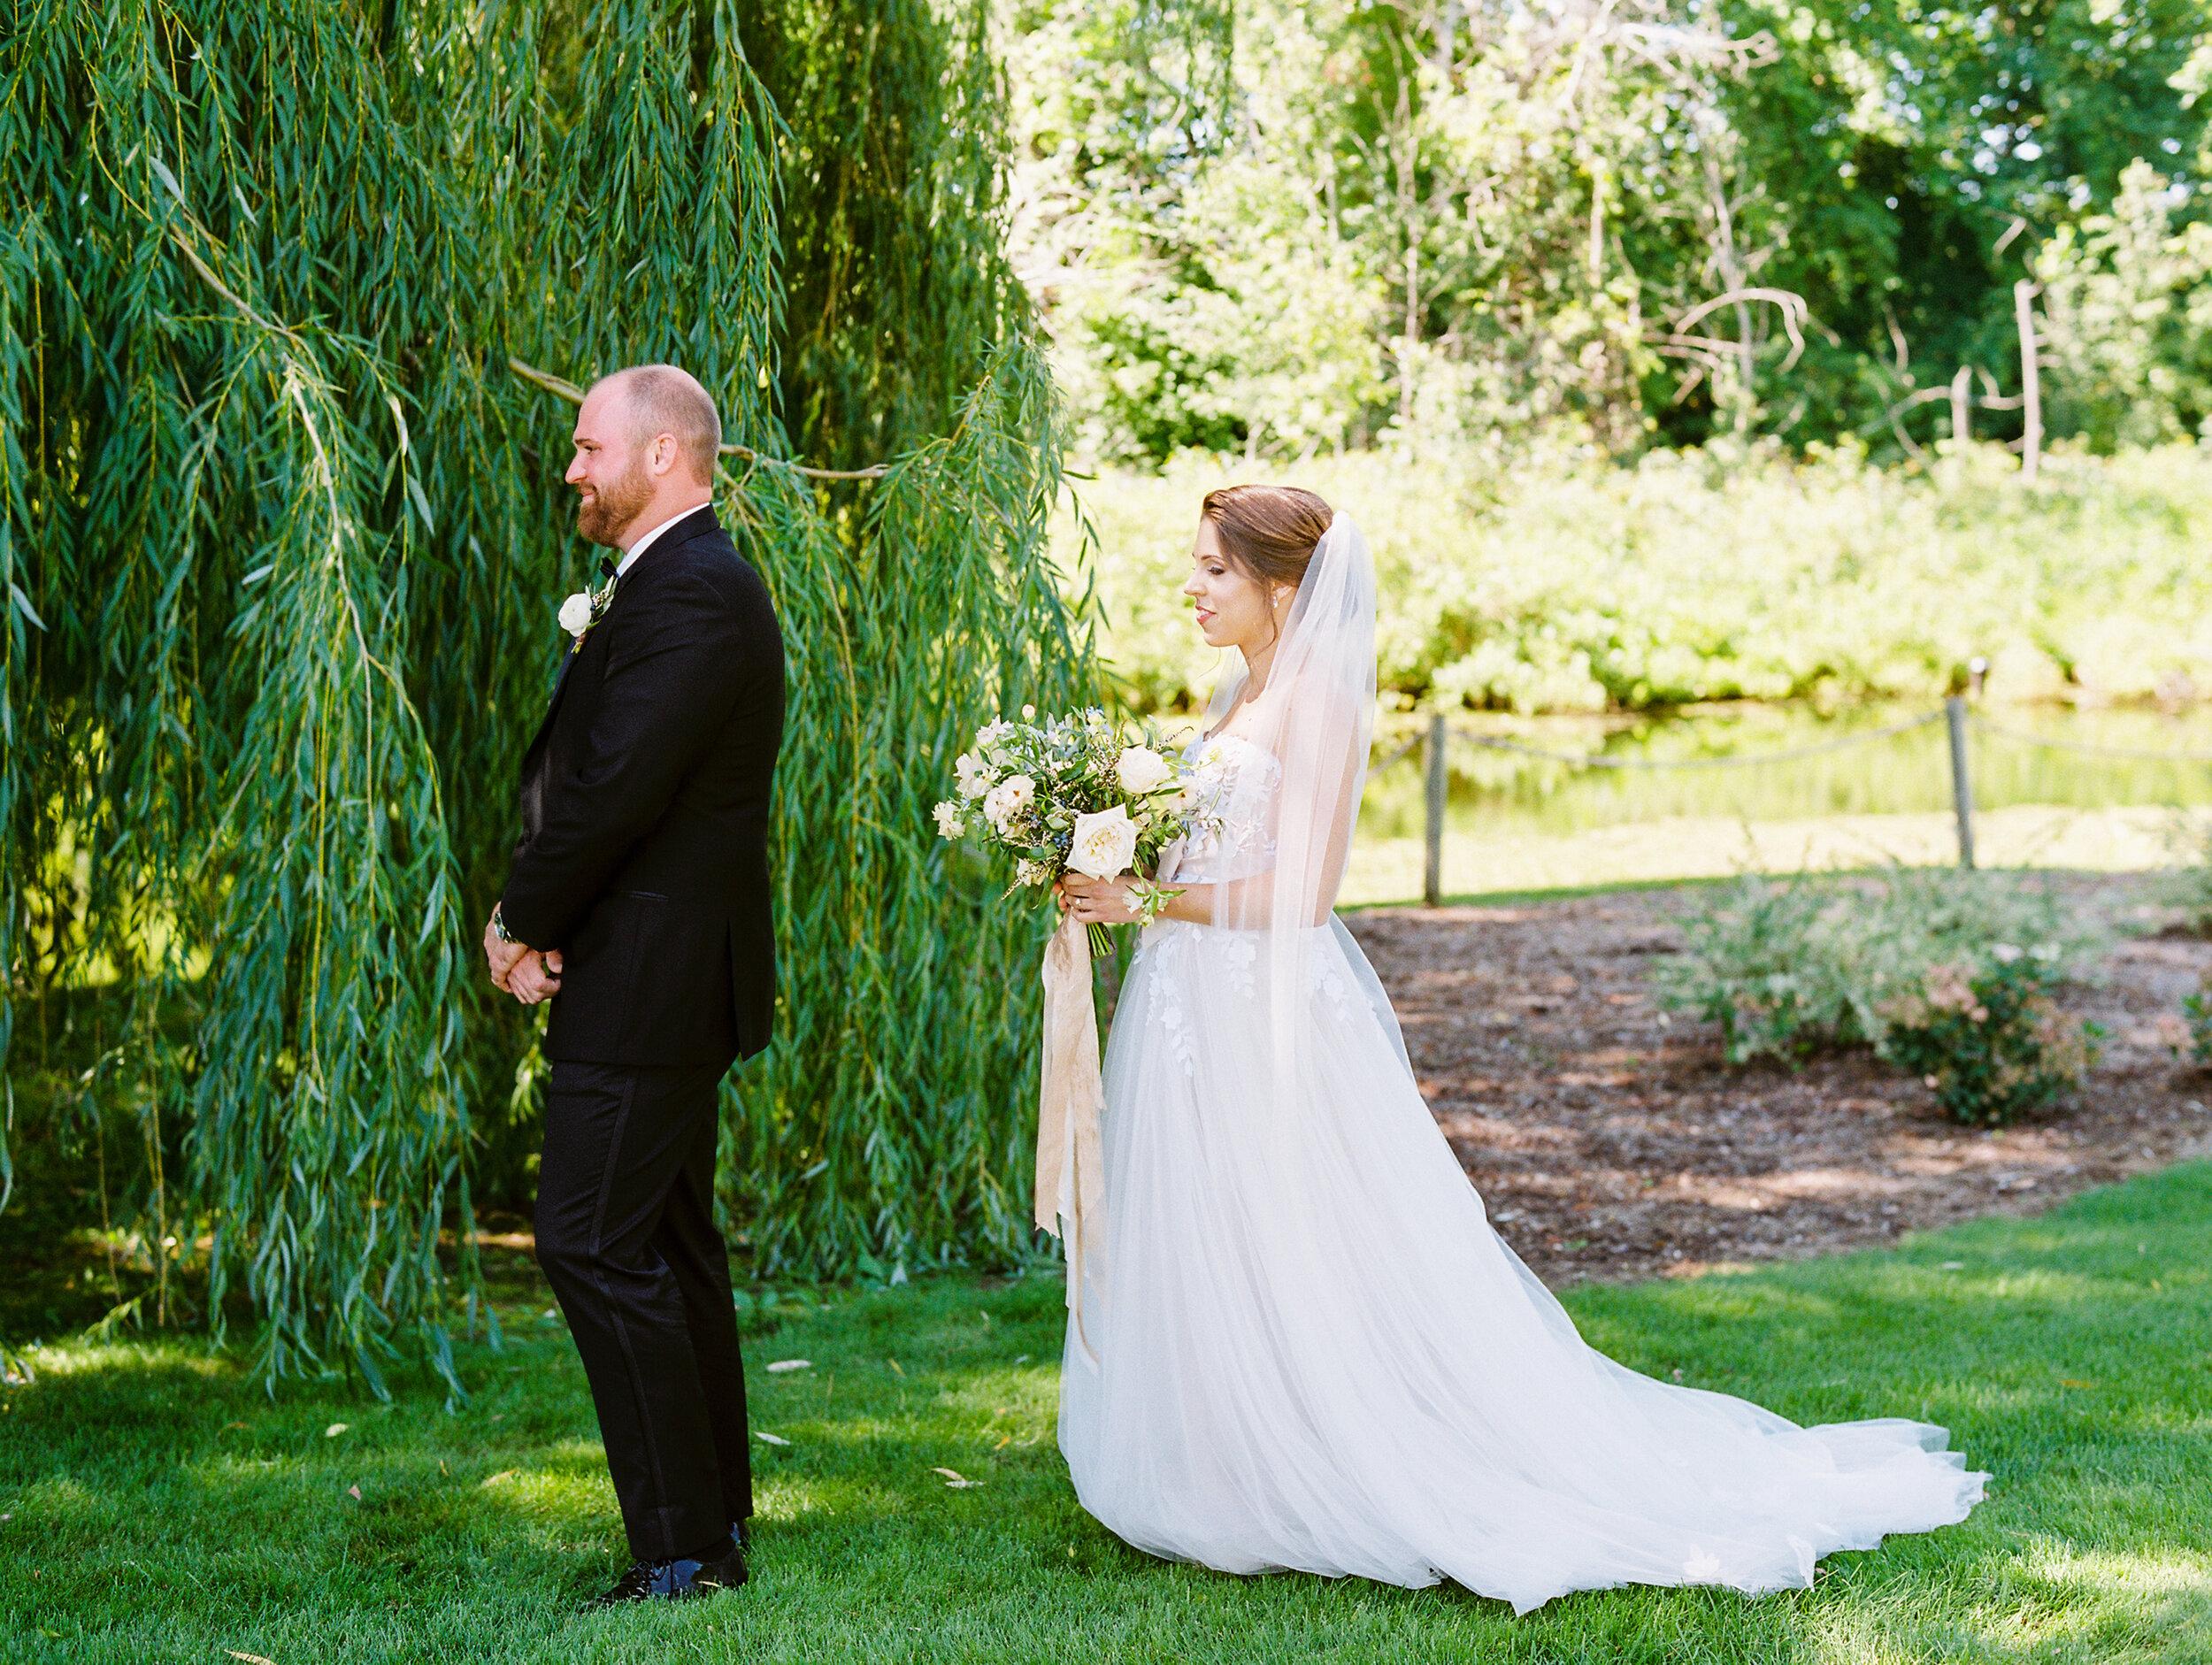 Steinlage+Wedding+First+Look-3.jpg